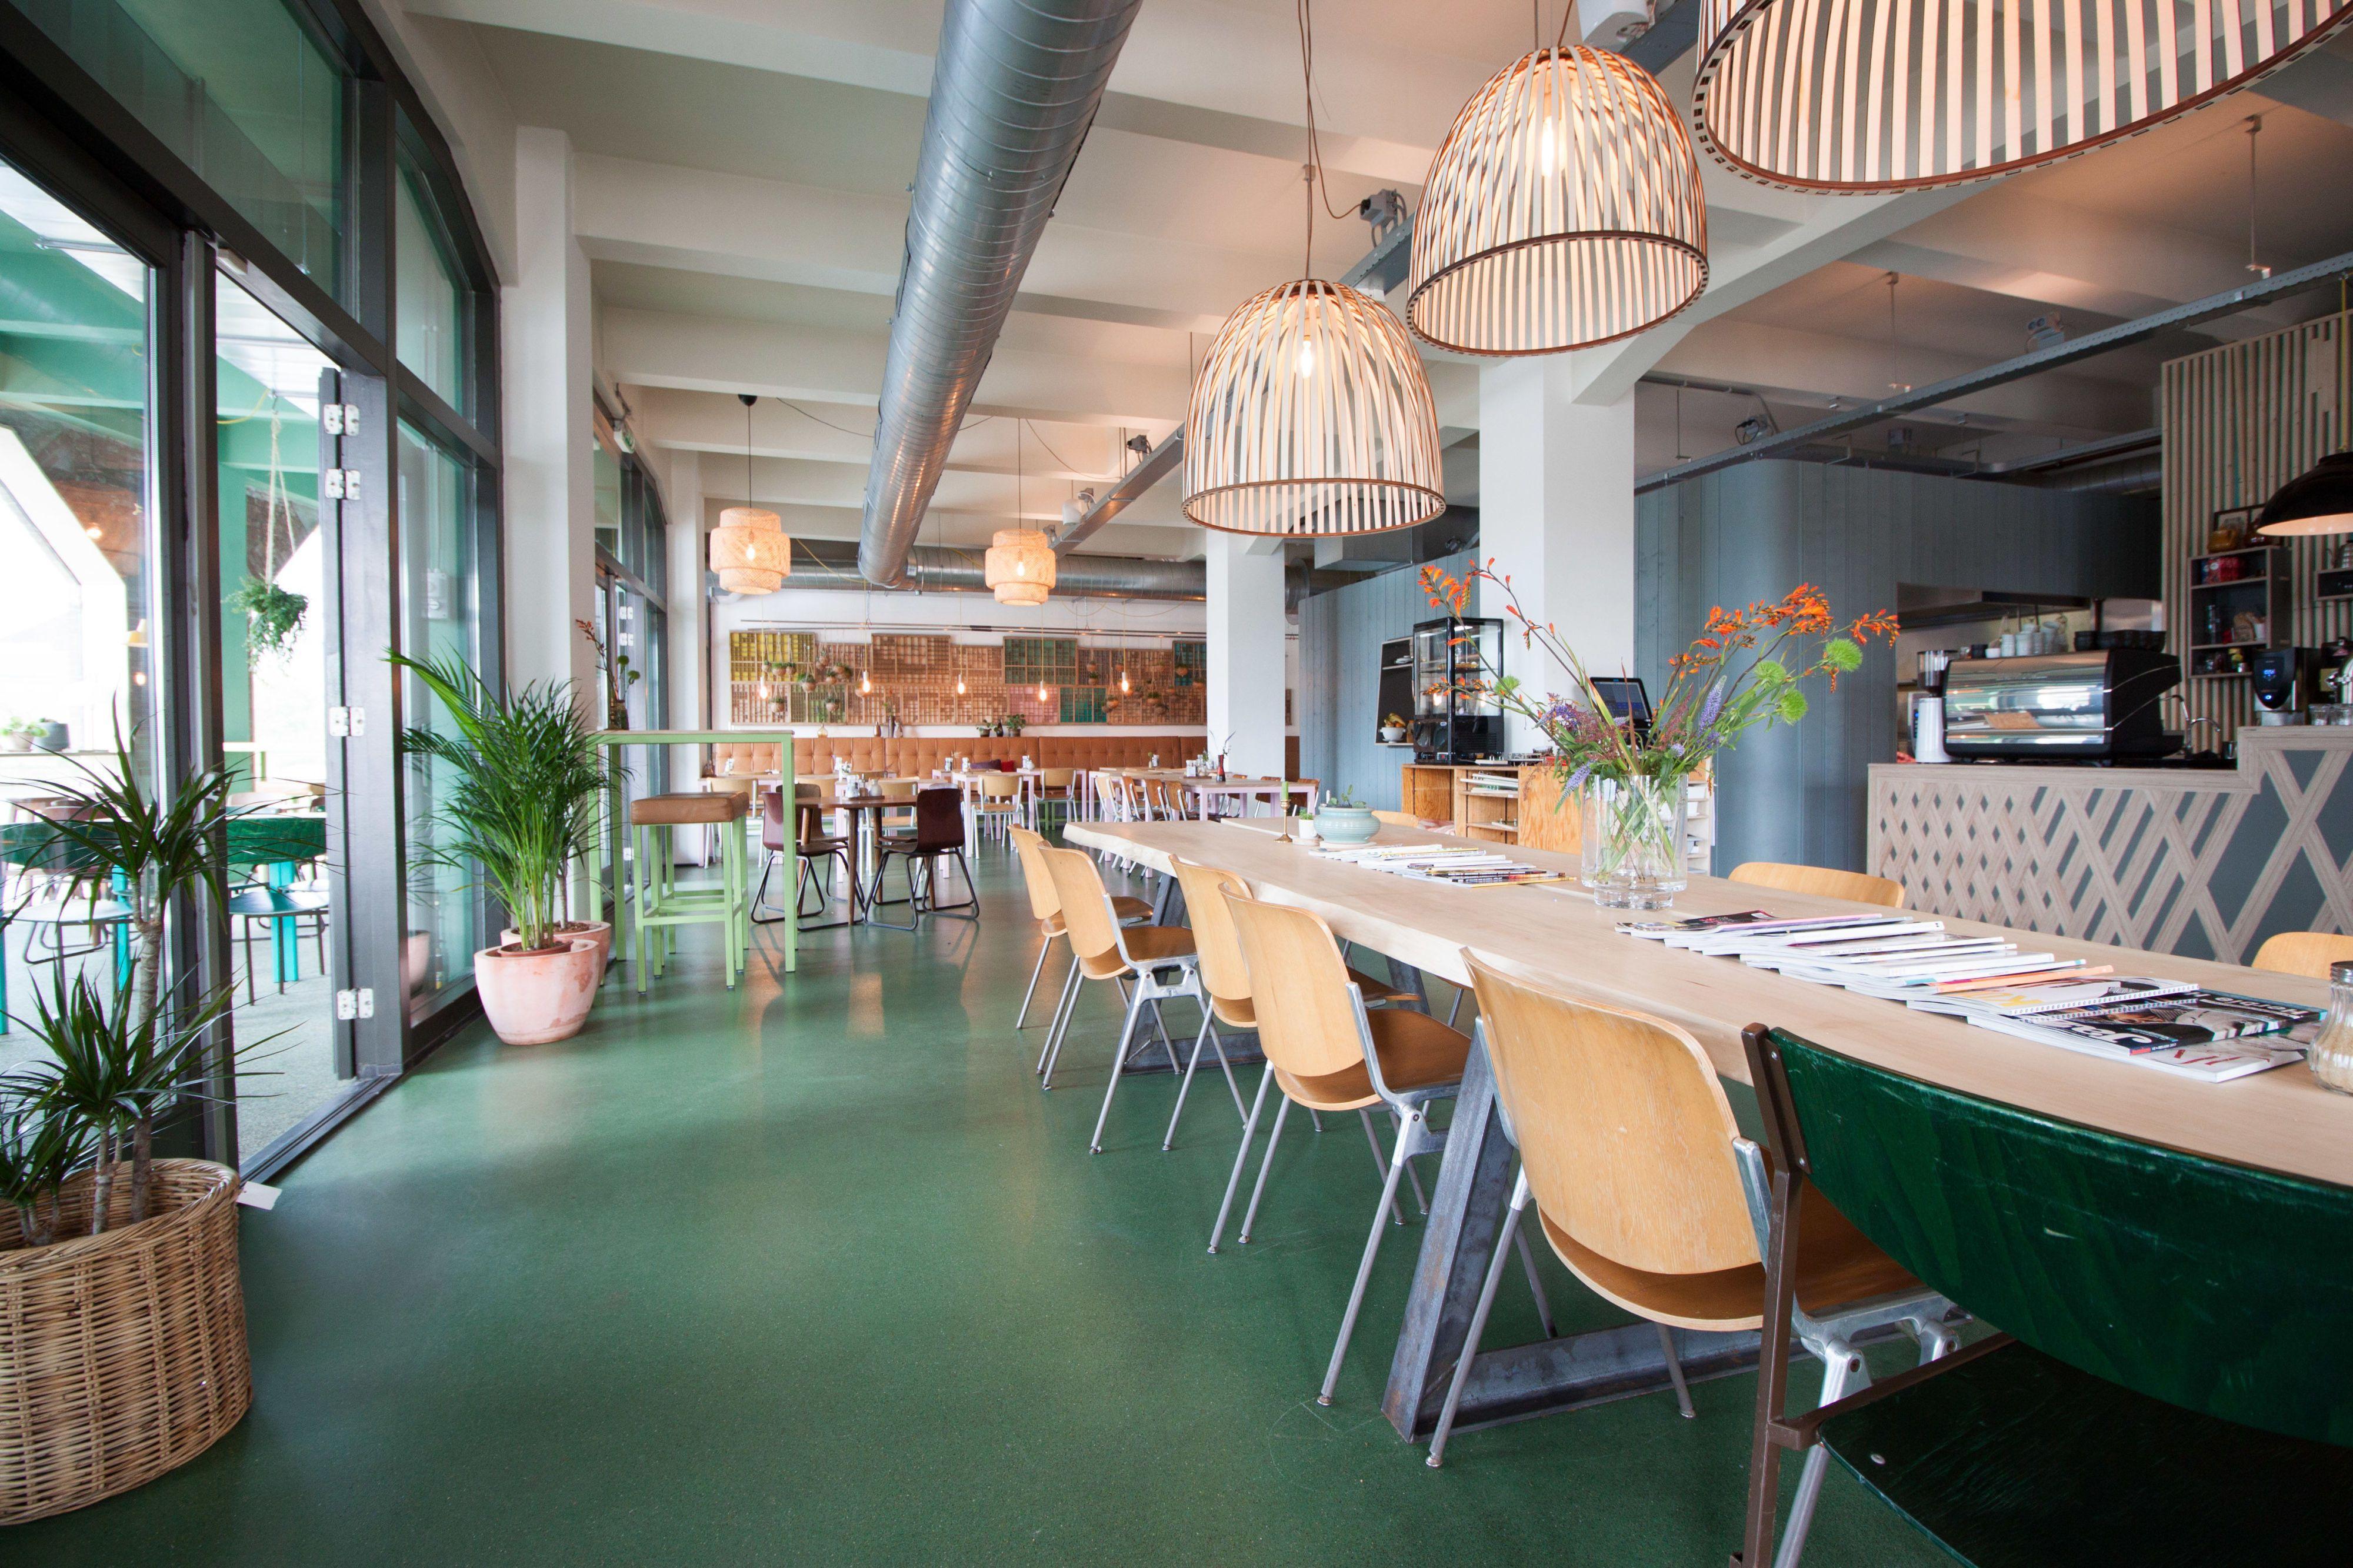 Gezellig Knus Dakterras : Deze kantoorpanden hebben een heerlijk dakterras voor de zomerse